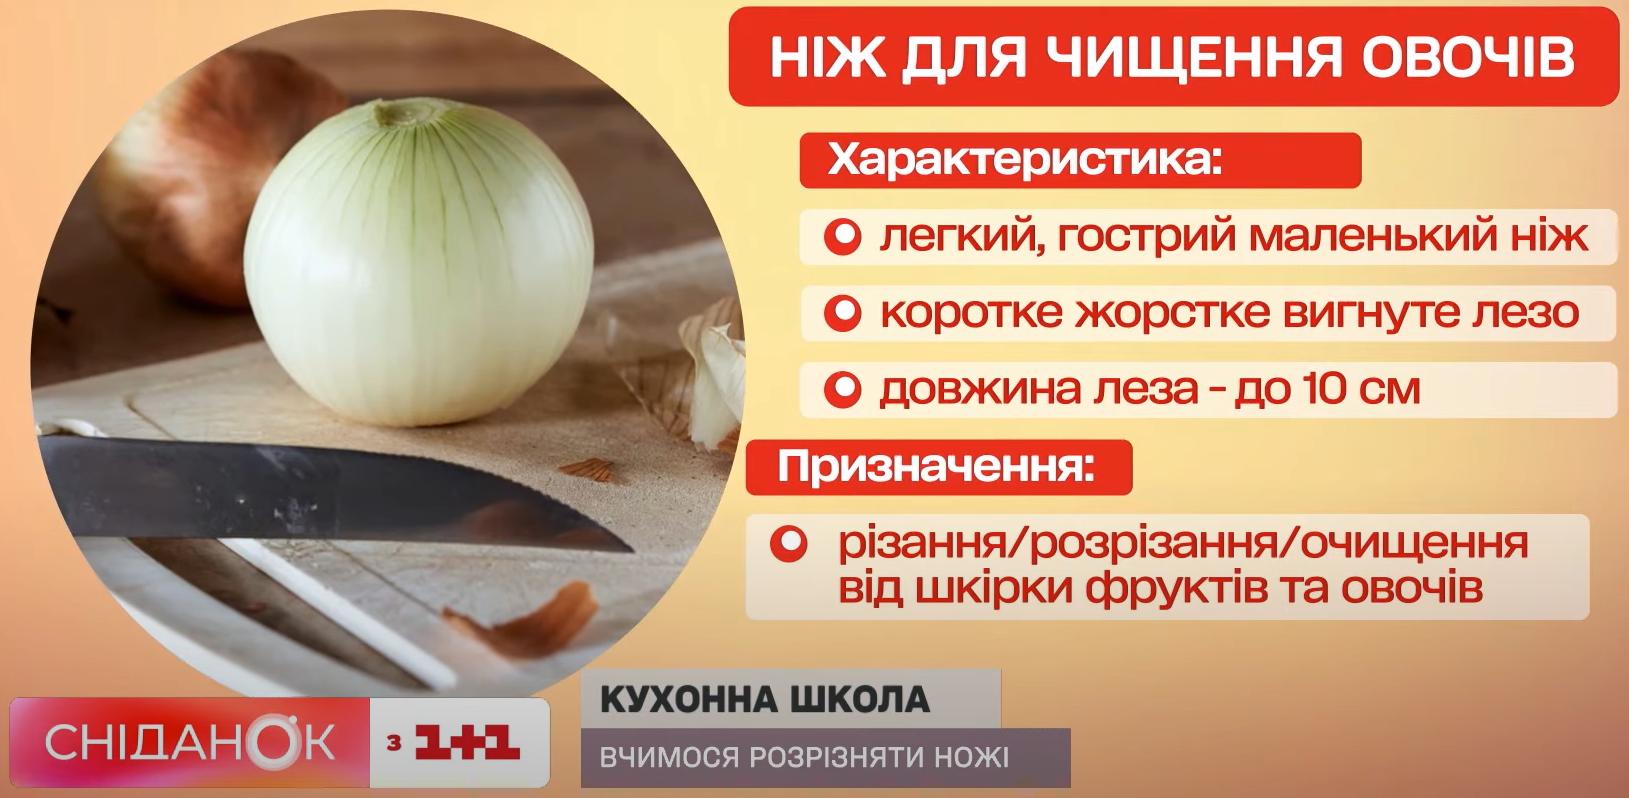 Ніж для овочів